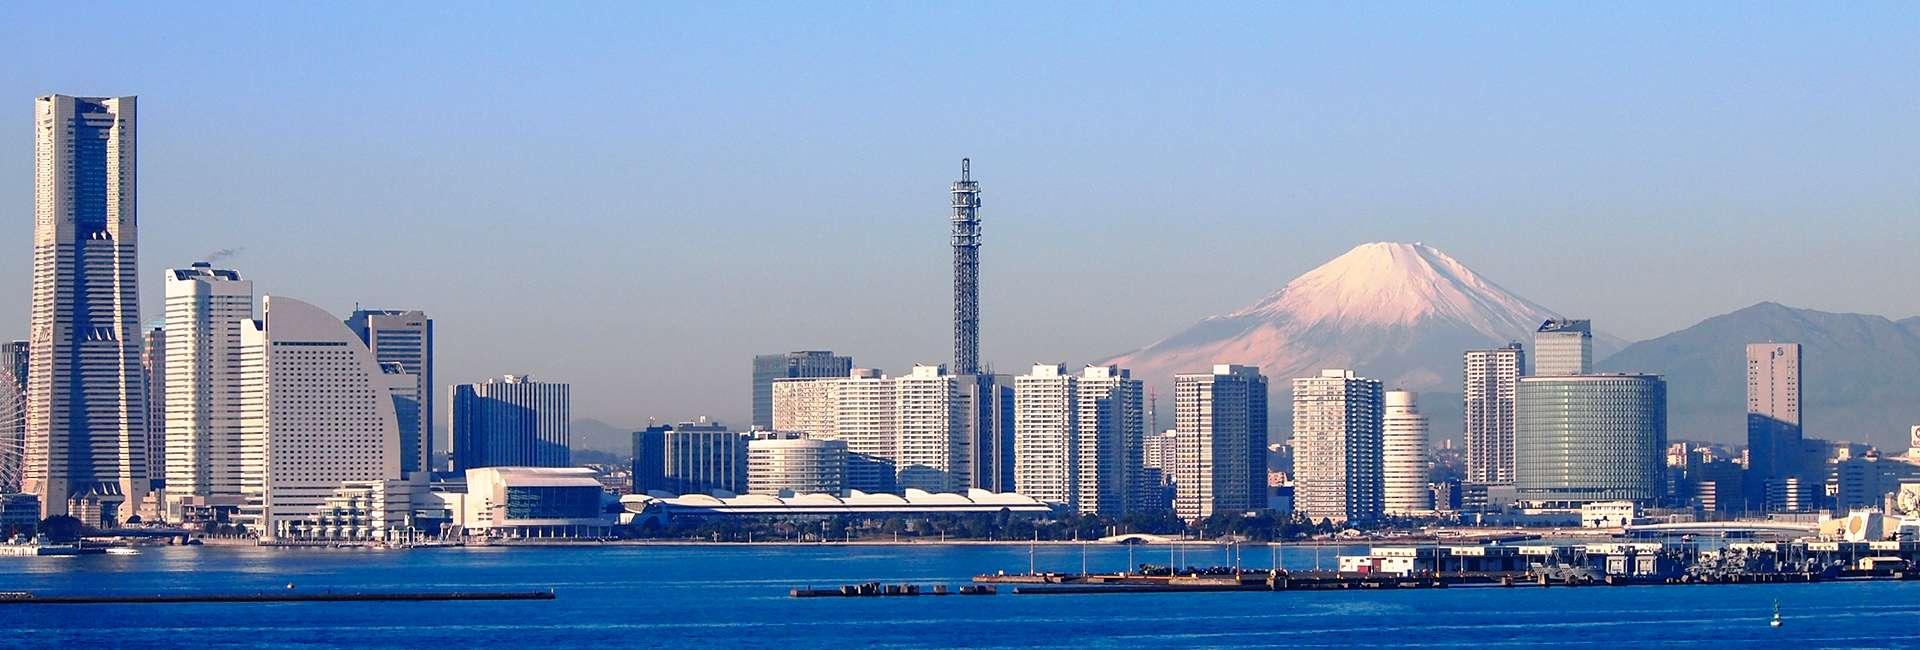 Yokohama au Japon et le mont Fuji